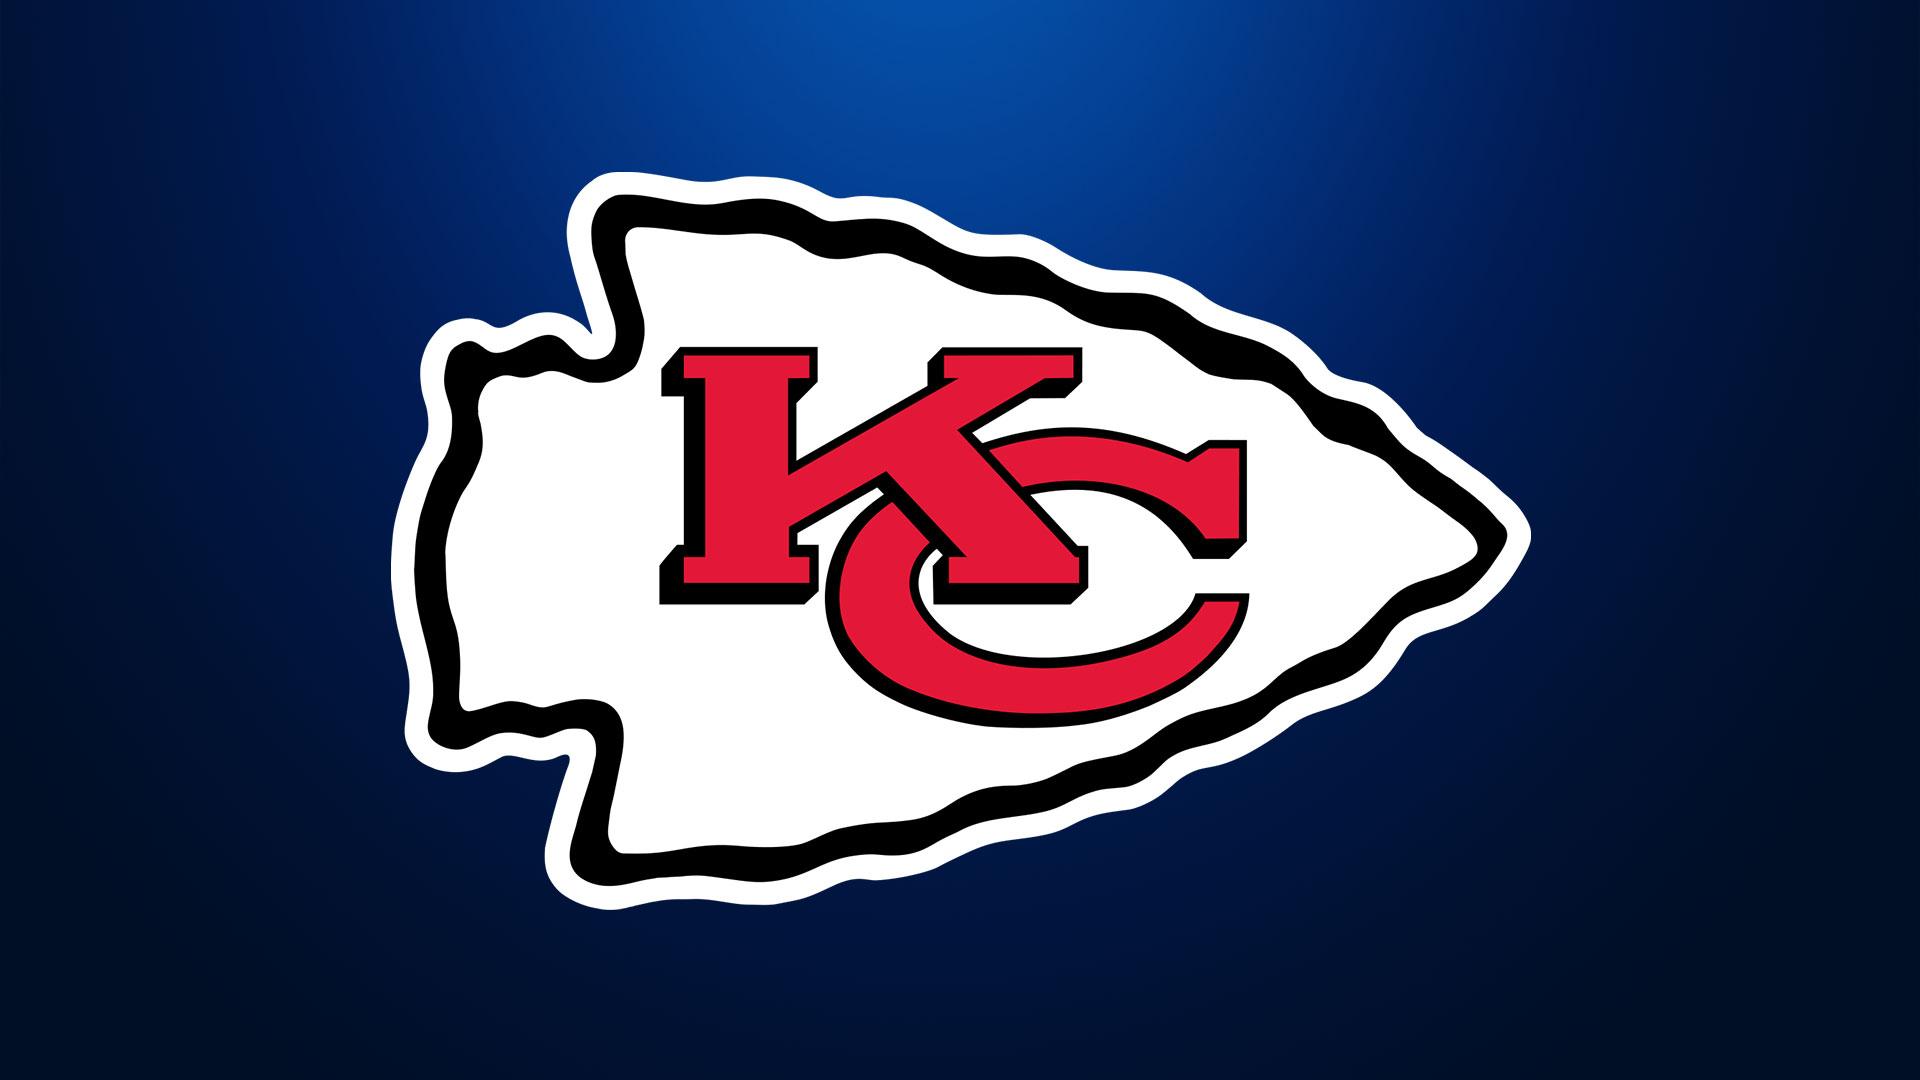 KELO Kansas City Chiefs